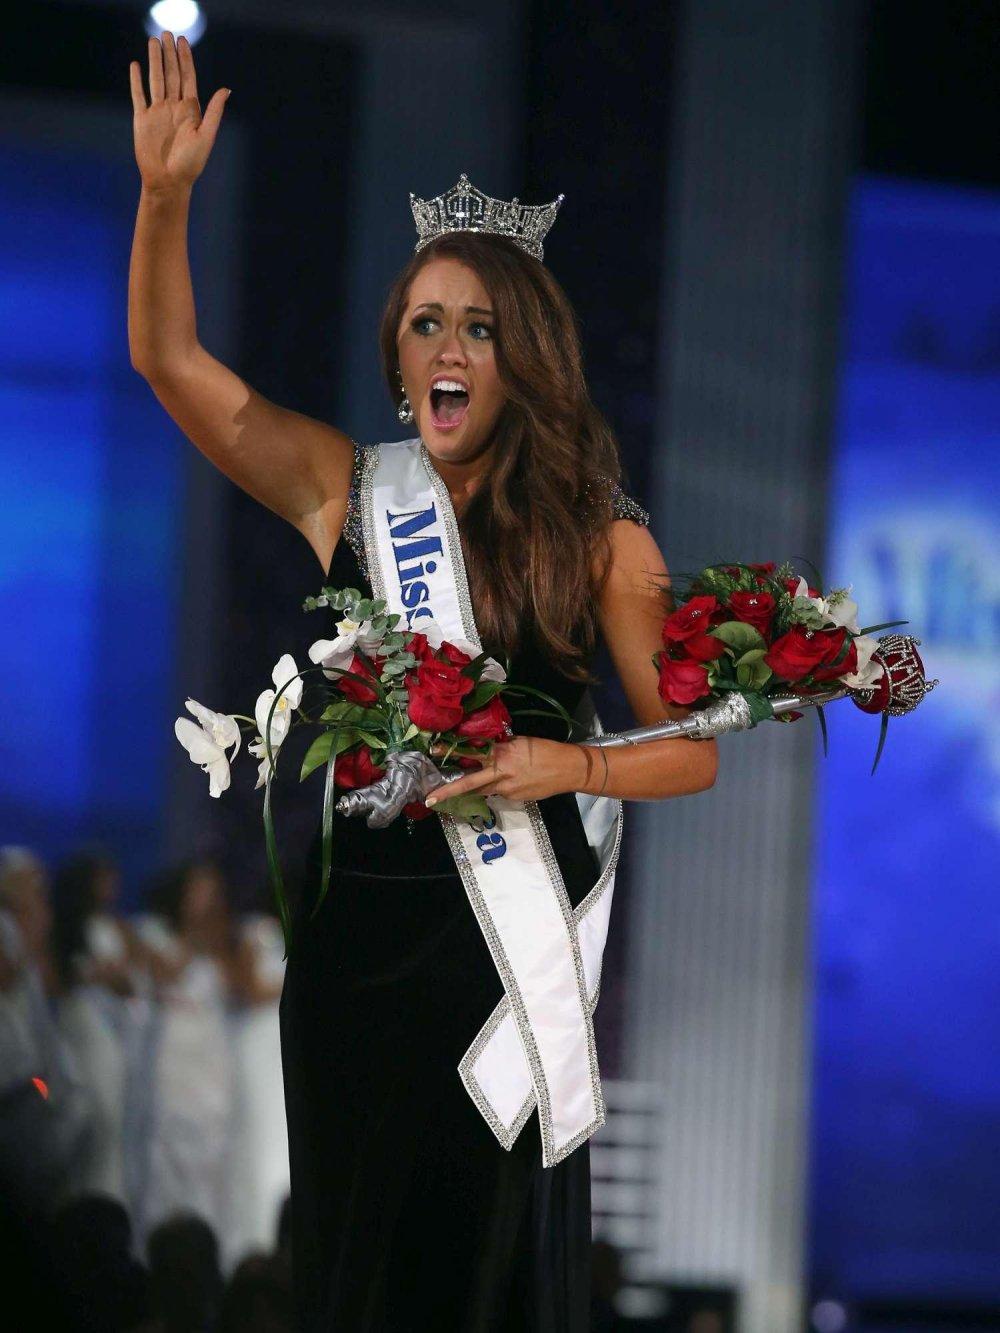 Cara Mund Miss America contro Donald Trump